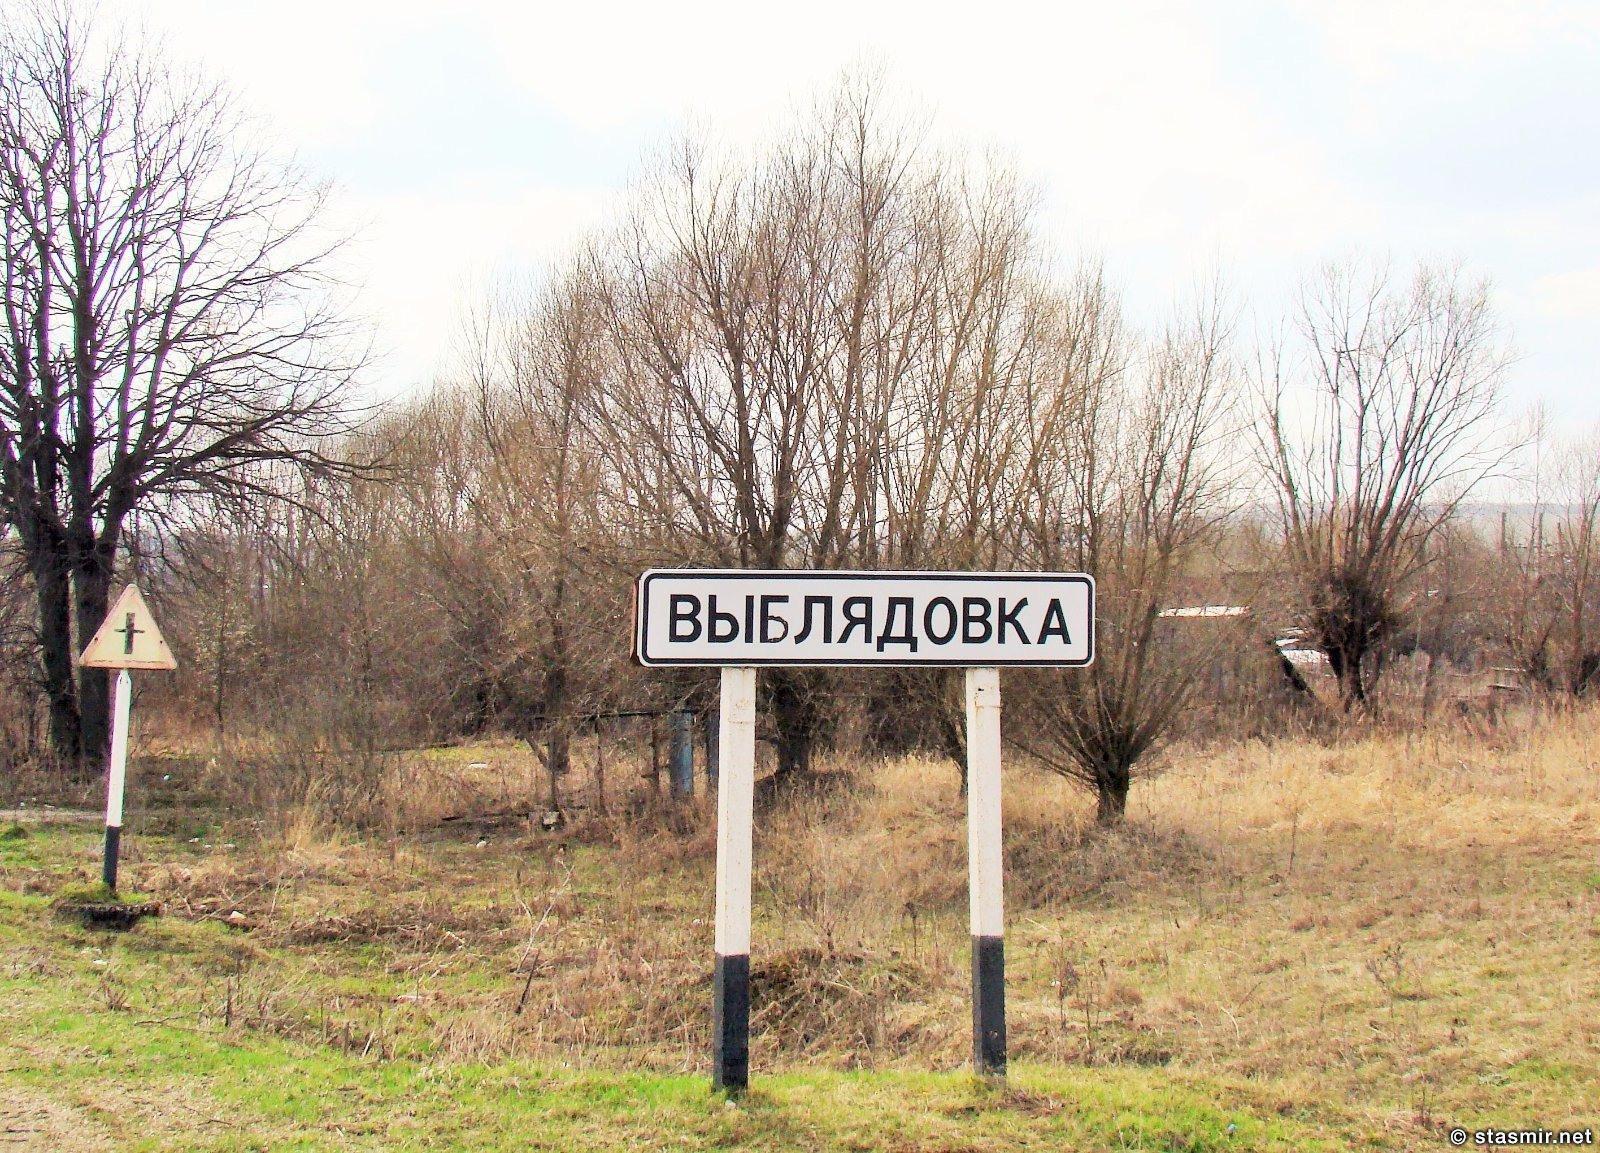 Выблядовка, Калужская губерния, туры по России, Photo Stasmir, фото Стасмир